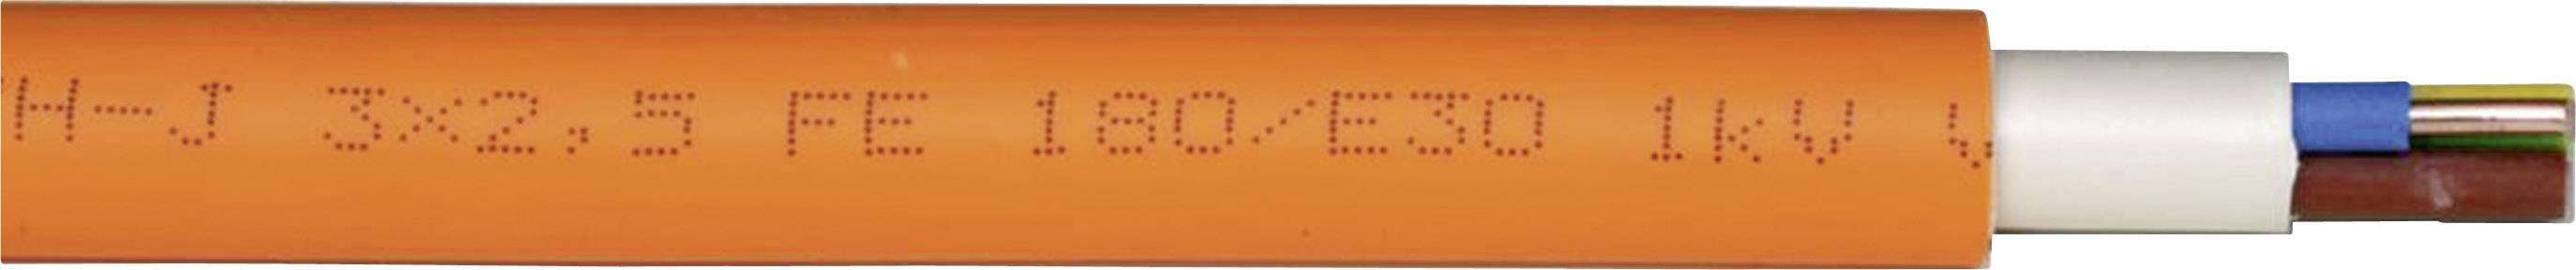 Kabel pro vysoké proudy Faber Kabel NHXHX ..FE180/E90 (010951), 3 x 1,5 mm², oranžová, 1 m